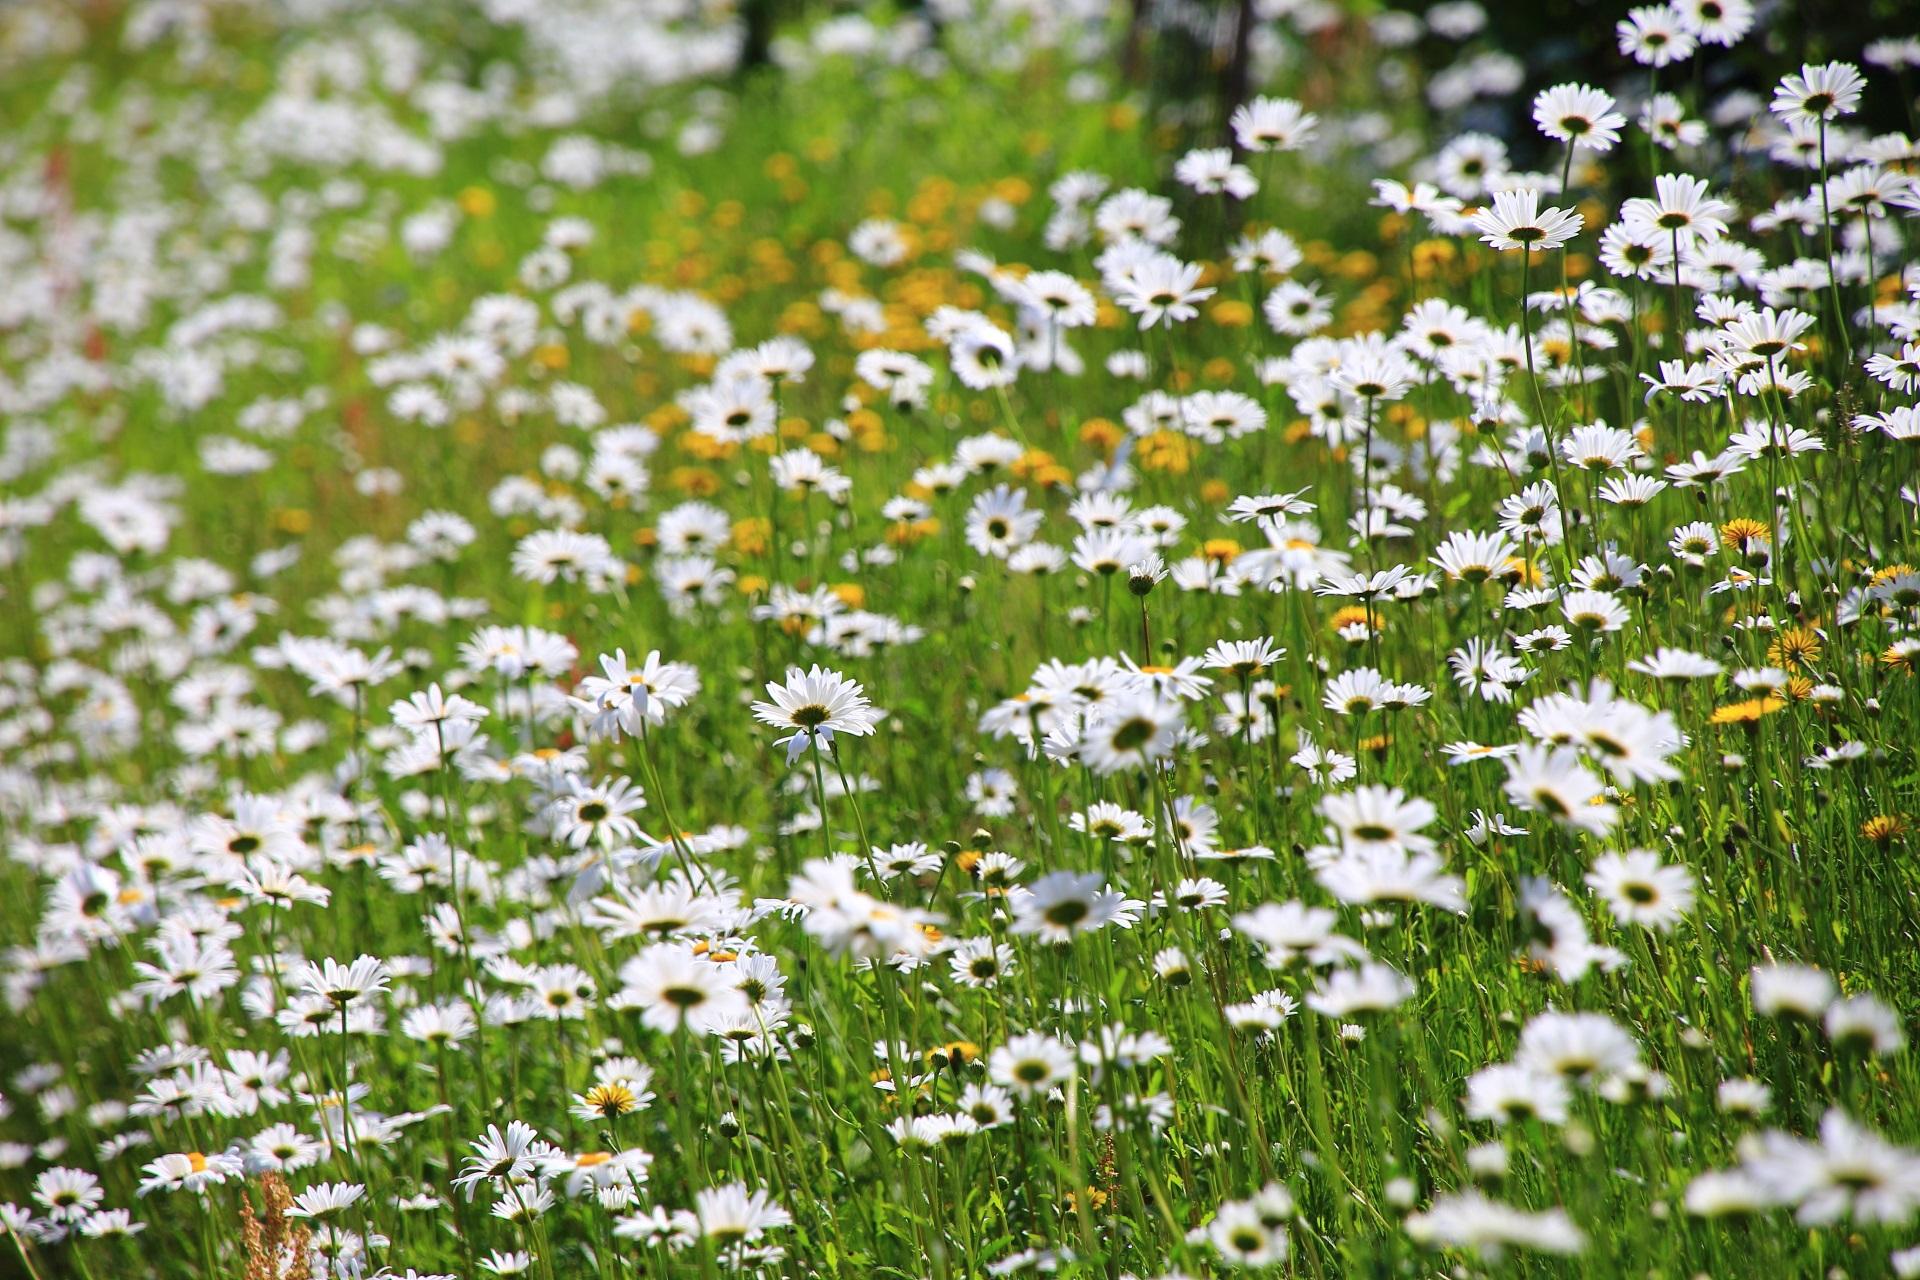 太陽を浴びて華やぐ白や黄色のマーガレットの花